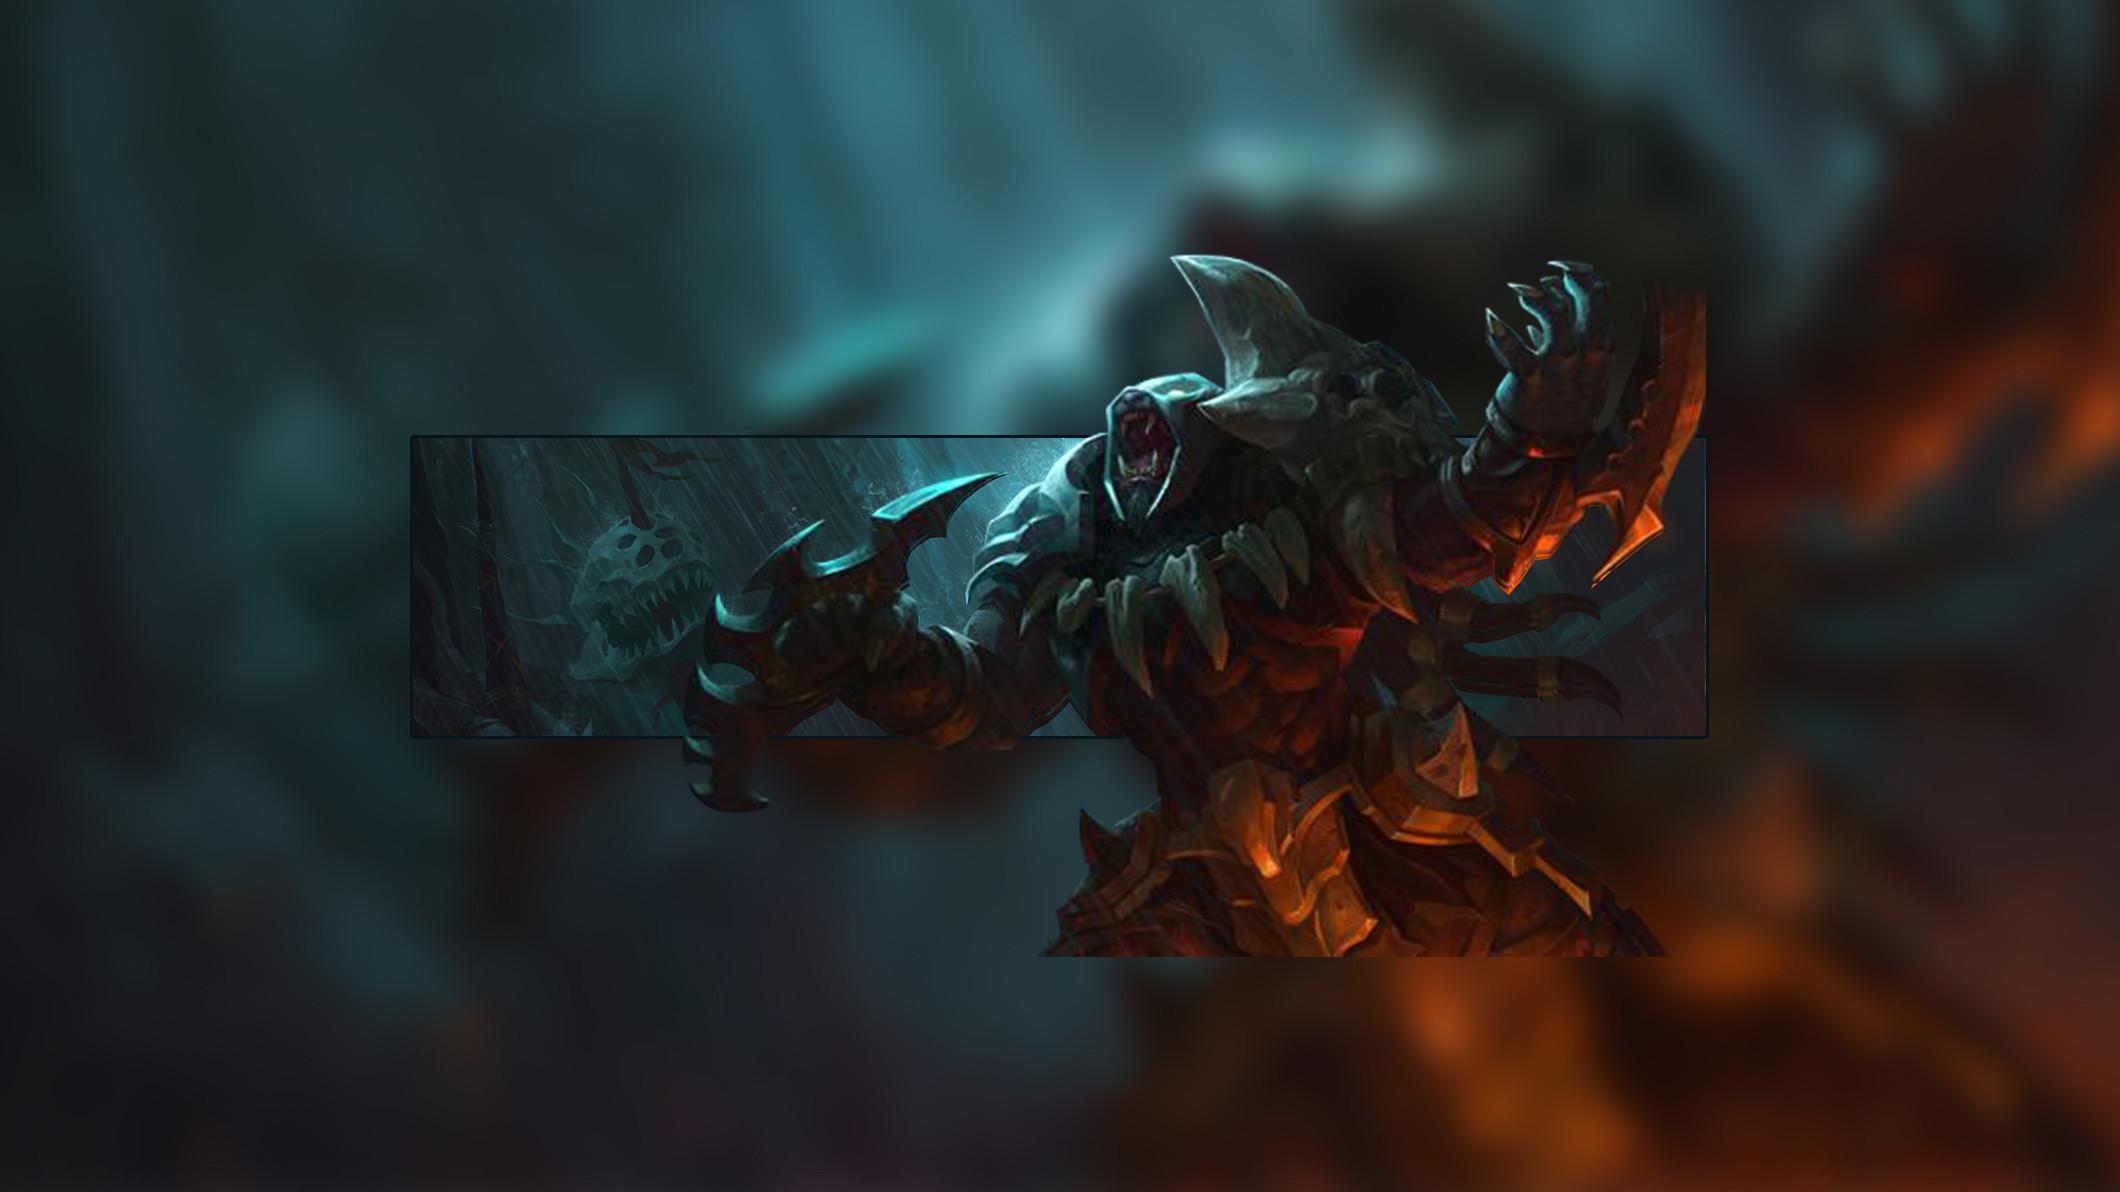 Headhunter Rengar by Insane HD Wallpaper Fan Artwork League of Legends lol